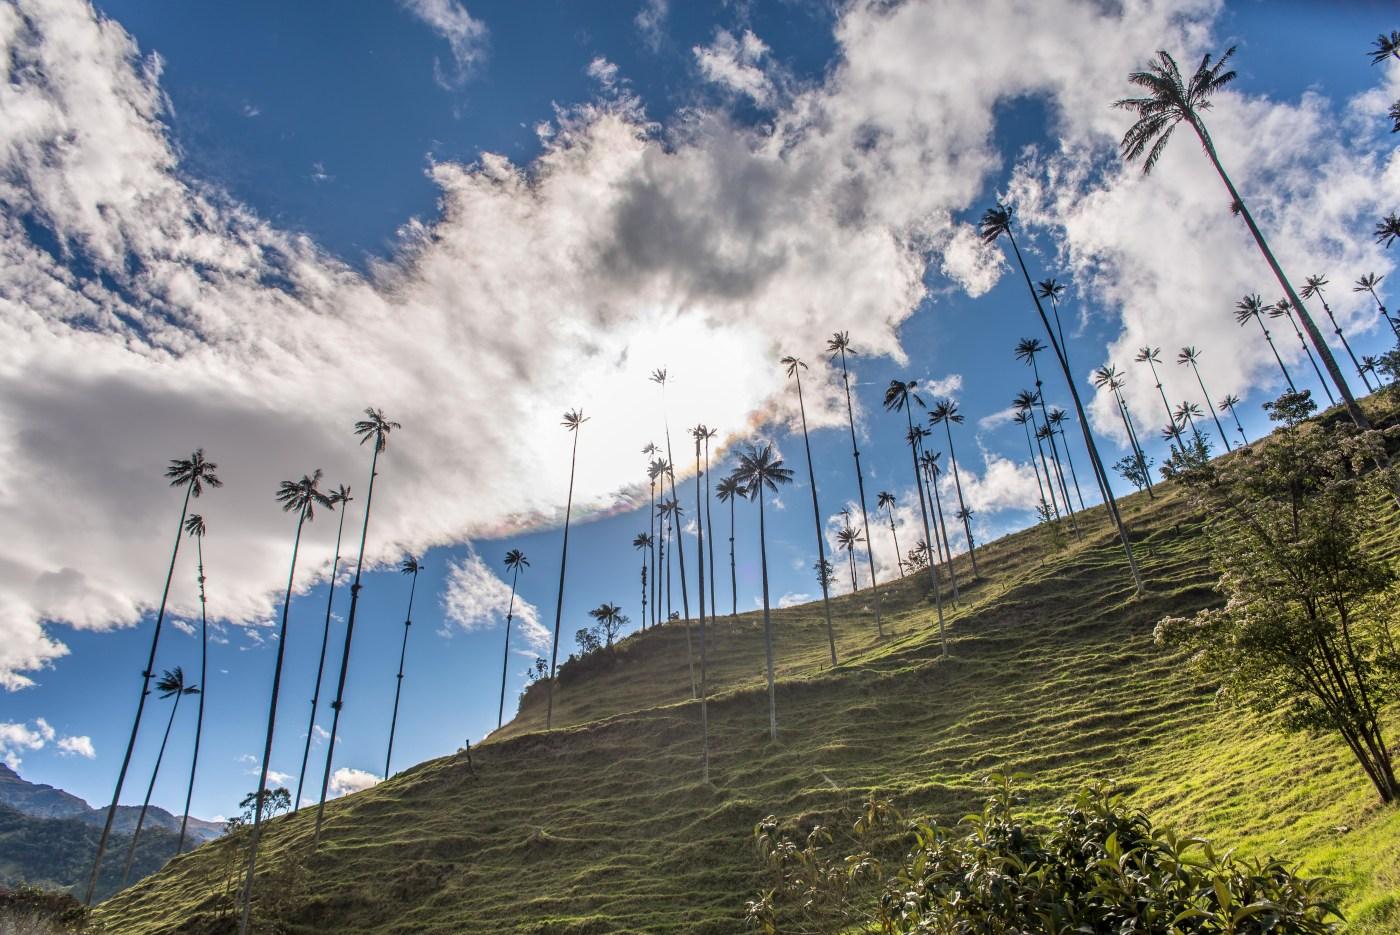 Vallée de la Cocora Salento Colombie Blog Voyage